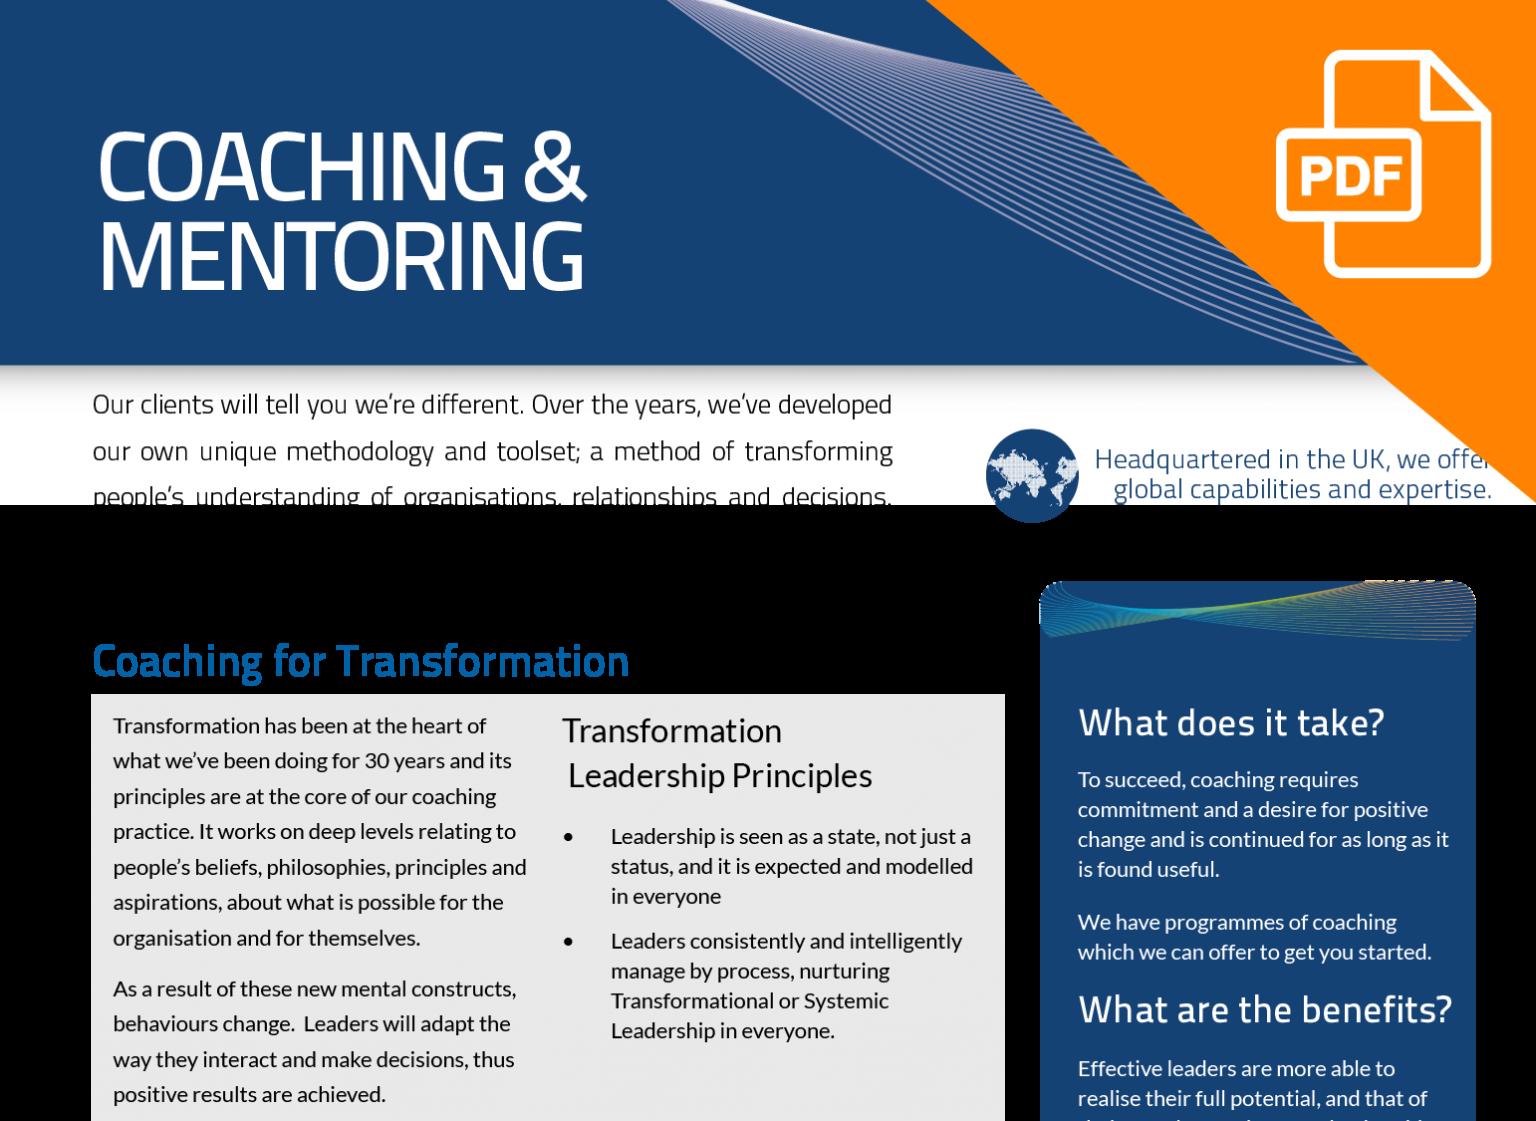 FLYER: Coaching & Mentoring